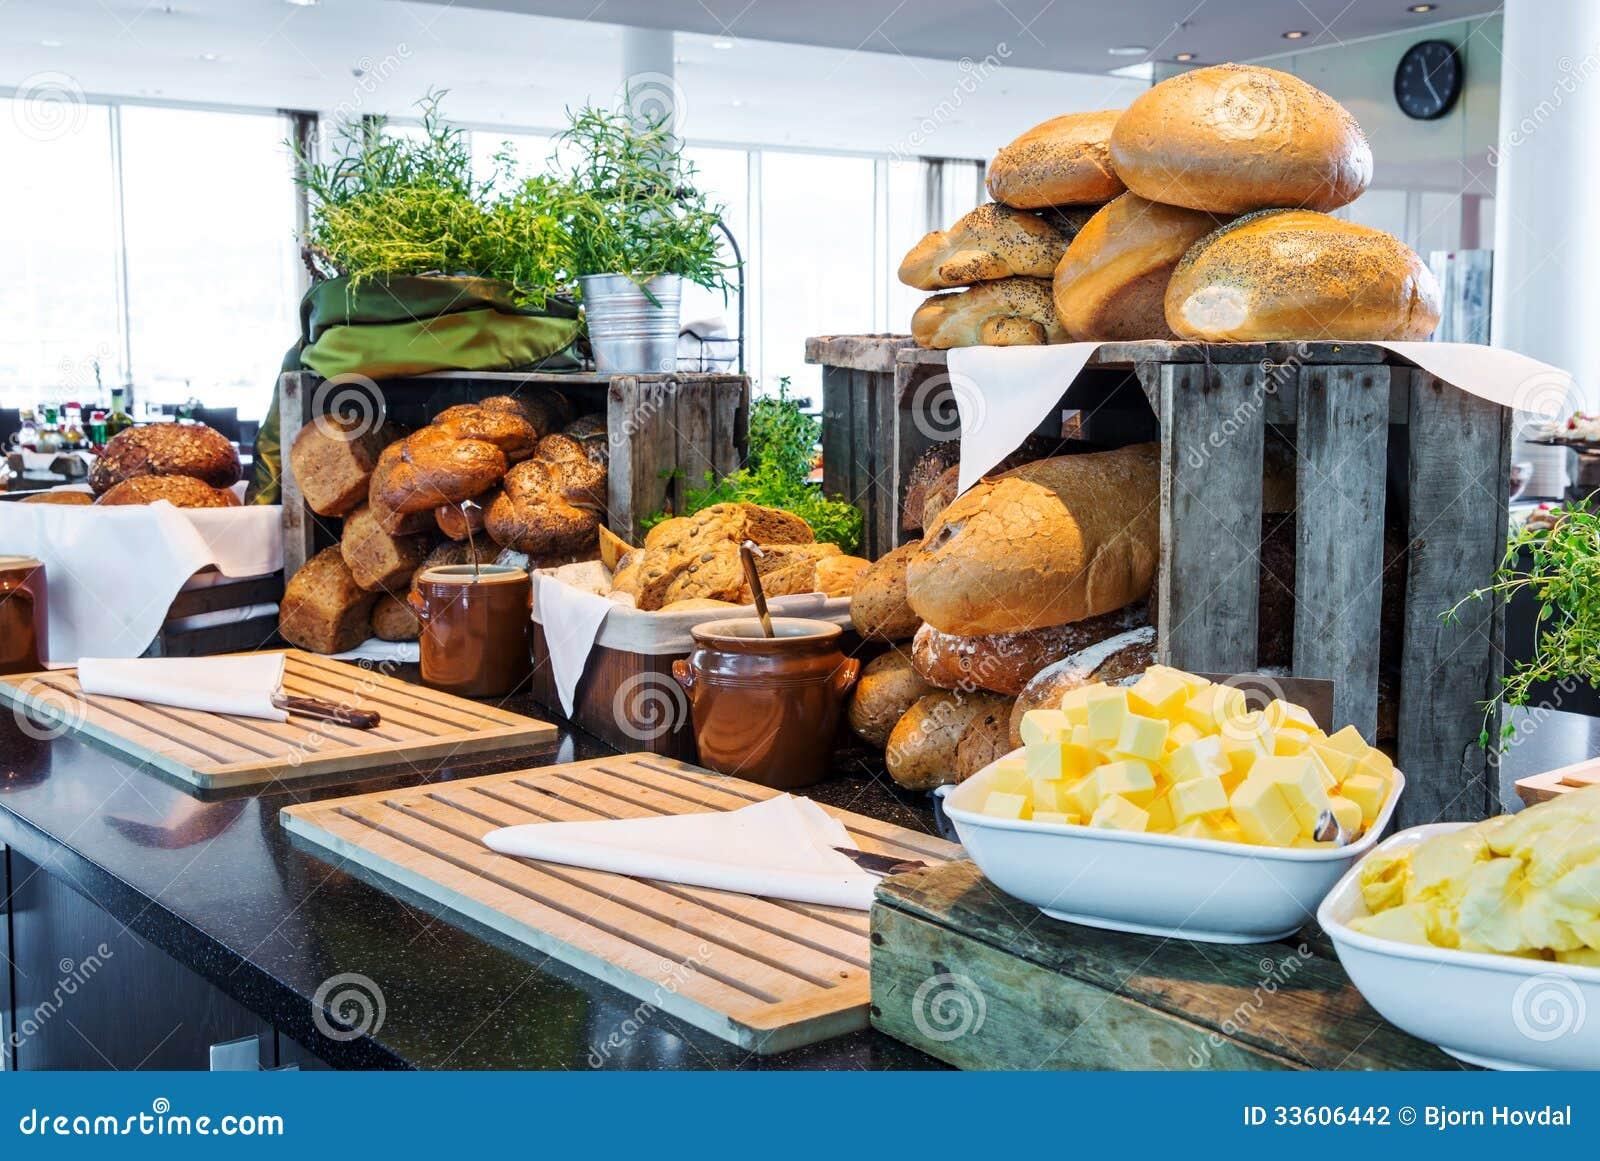 在旅馆自助餐的面包显示